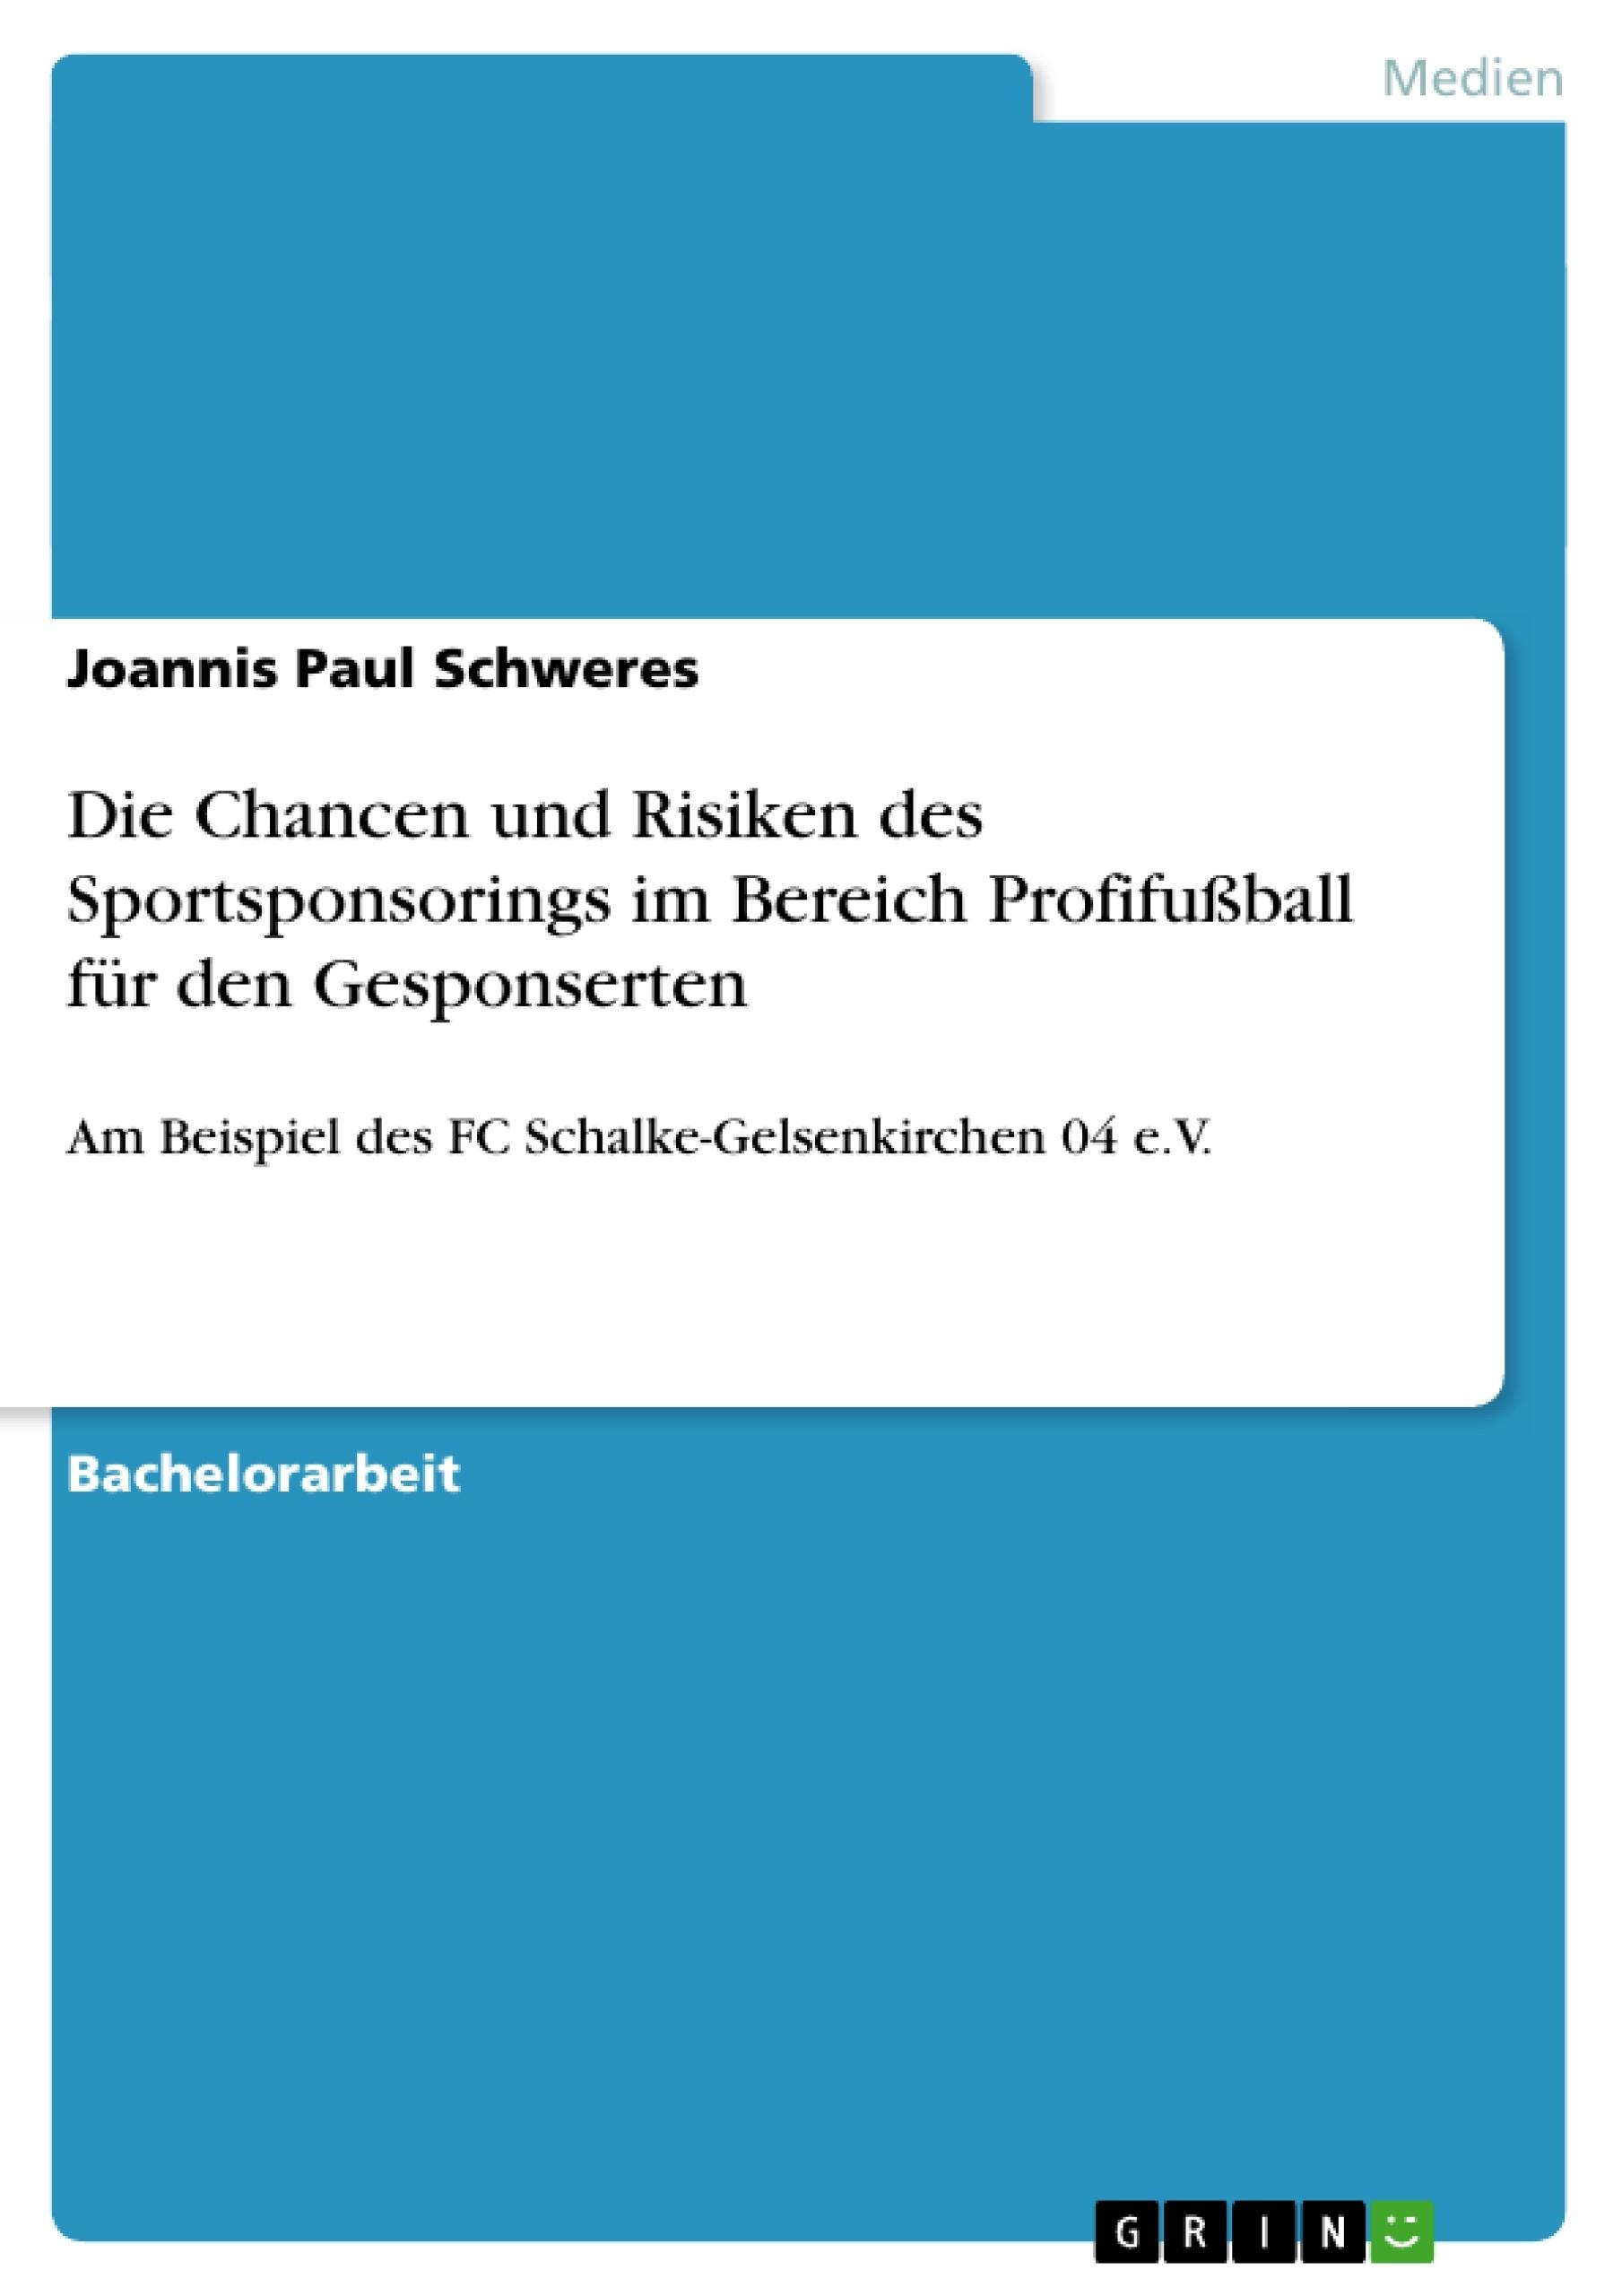 Titel: Die Chancen und Risiken des Sportsponsorings im Bereich Profifußball für den Gesponserten